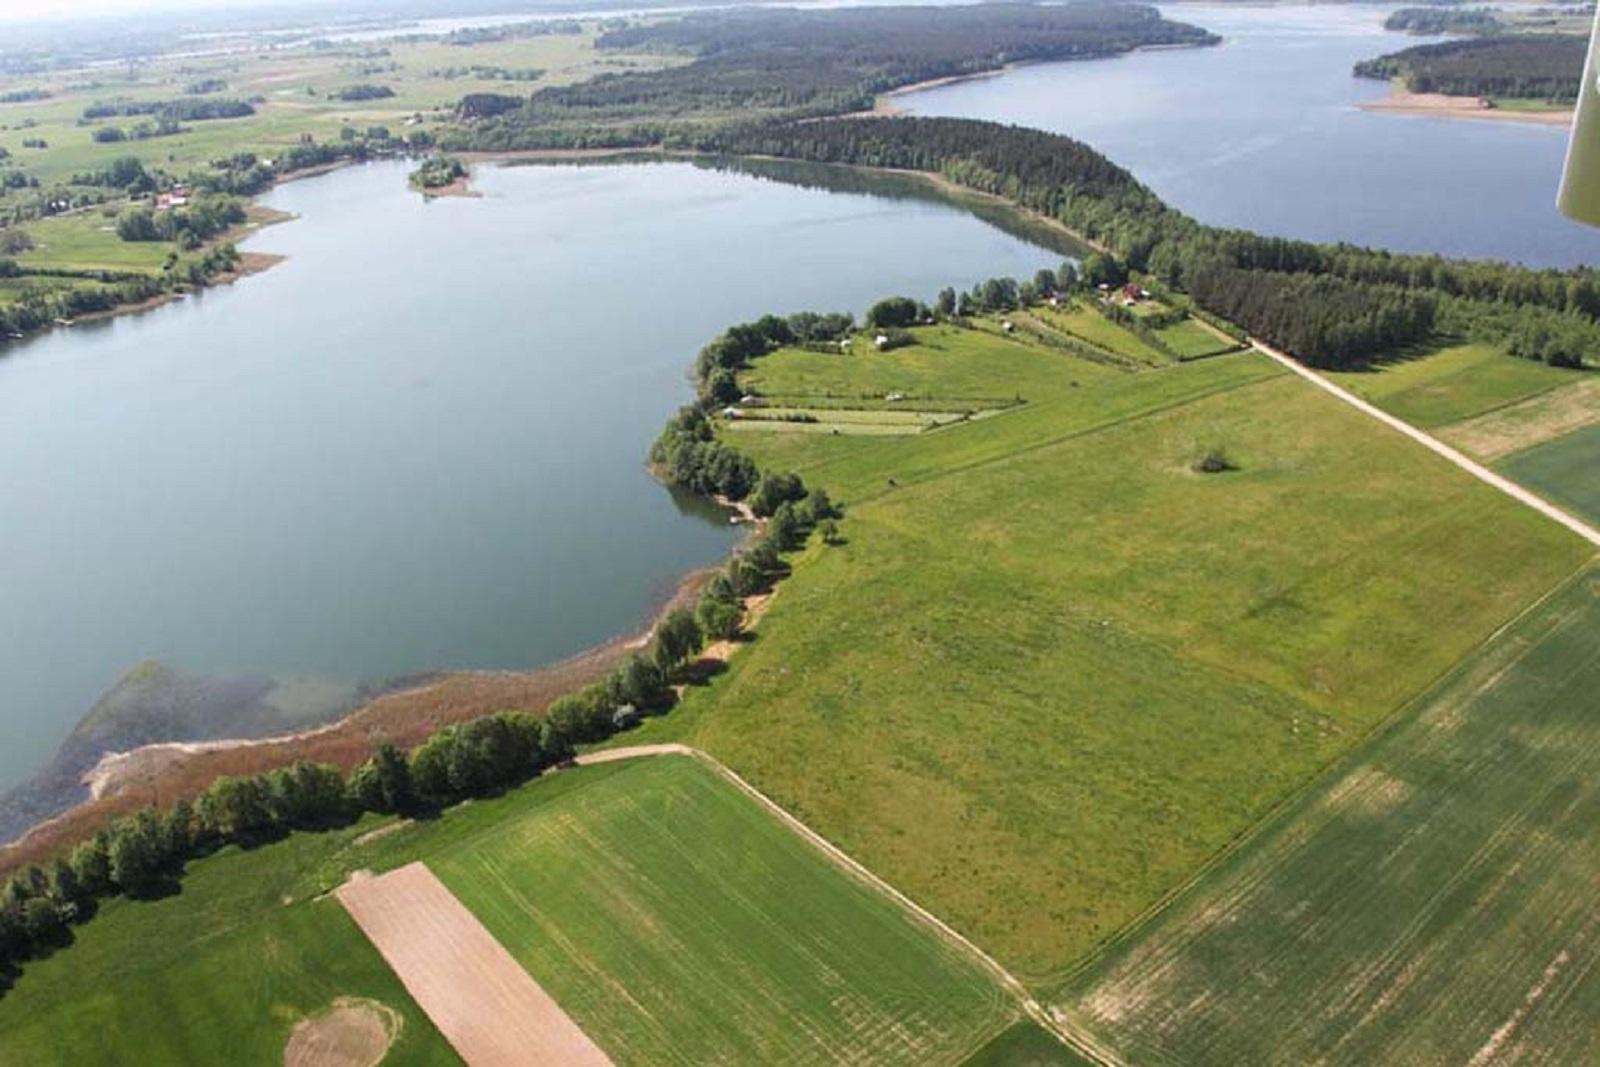 Działki nad jeziorem Rajgrodzkim